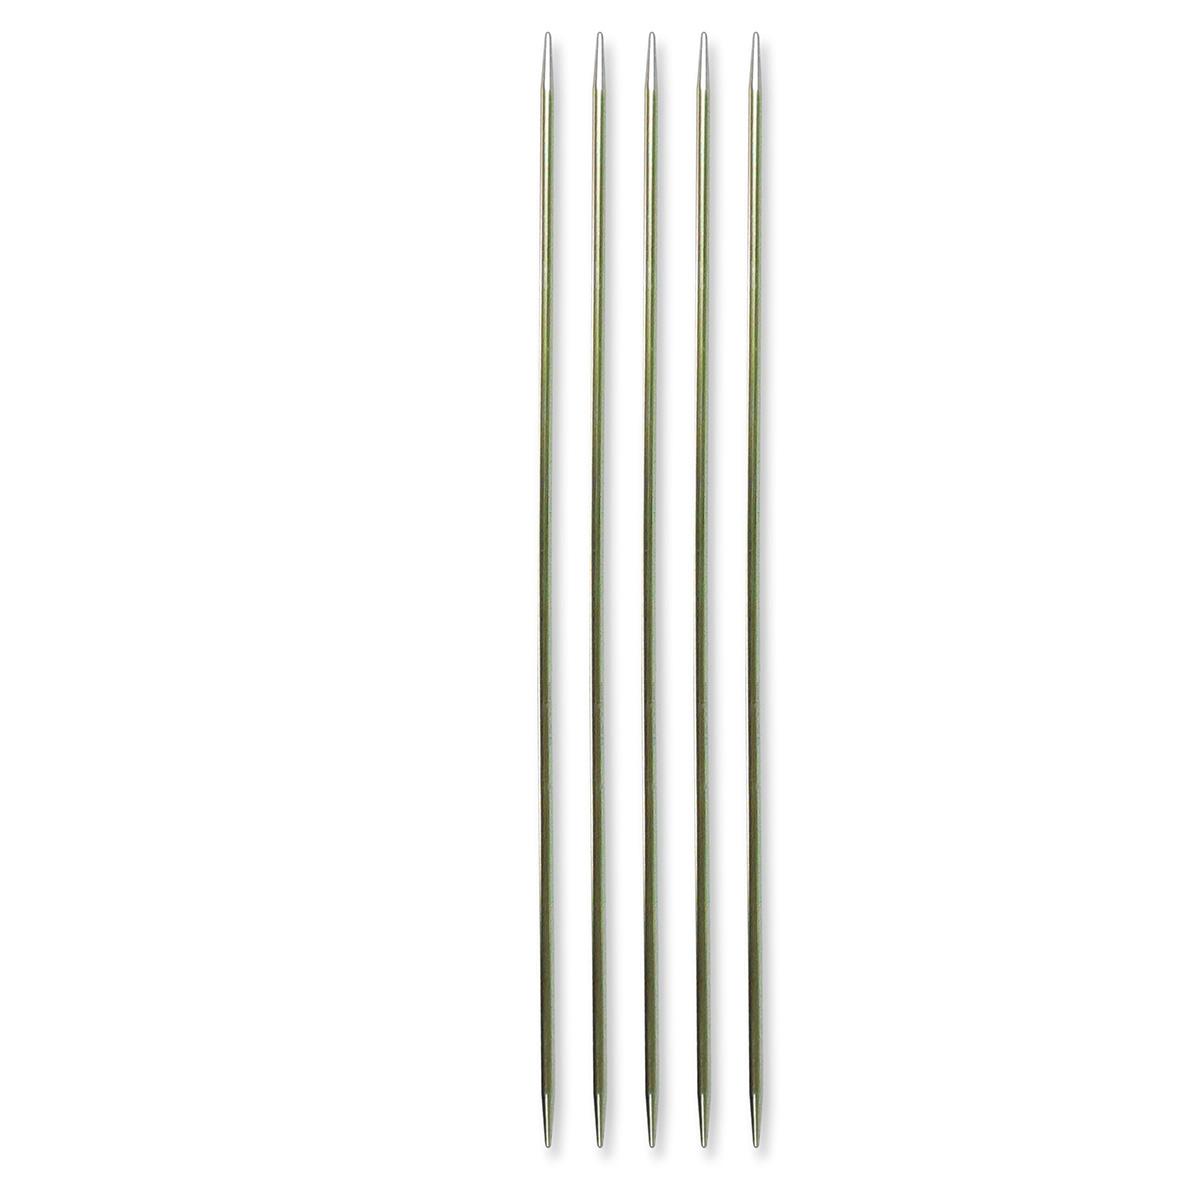 Billede af Pony strømpepinde - Nr. 2,5 - Sølvgrøn